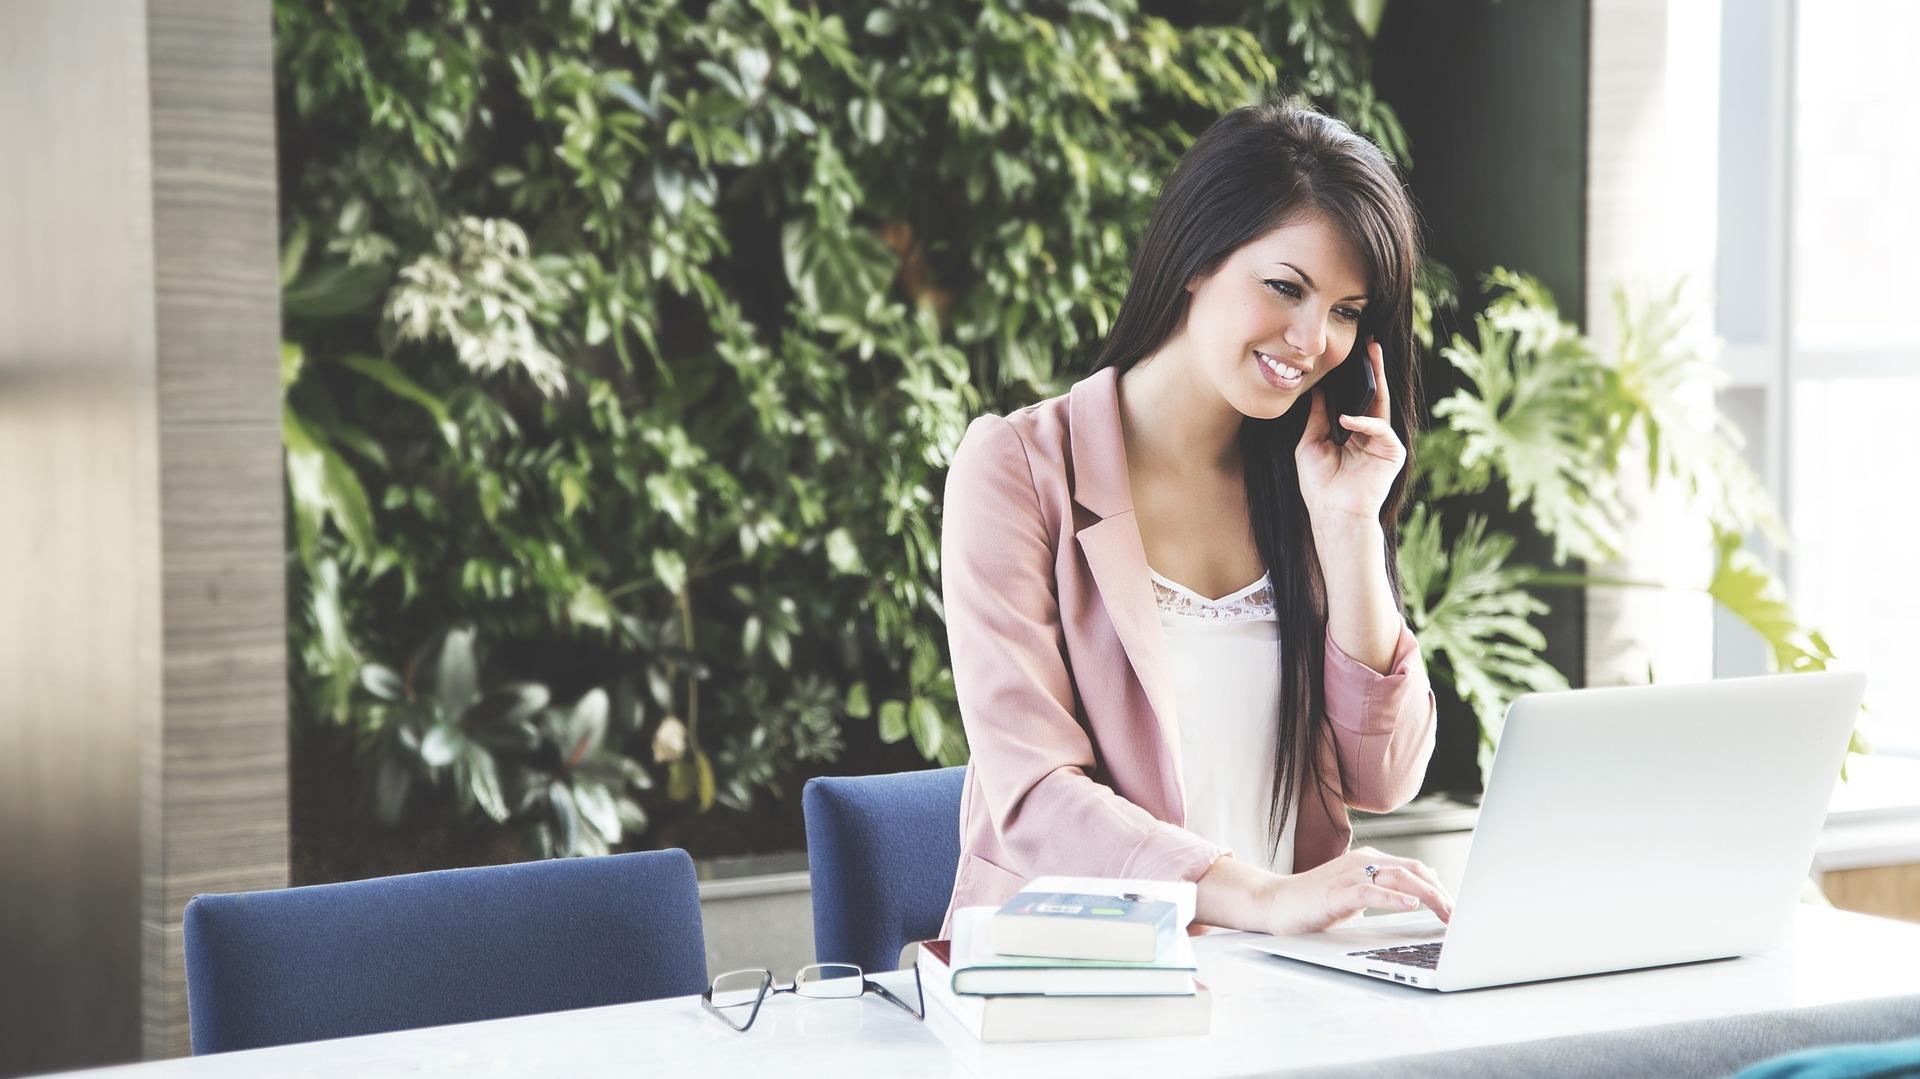 Confira seis passos para ter um bom desempenho em uma entrevista de emprego